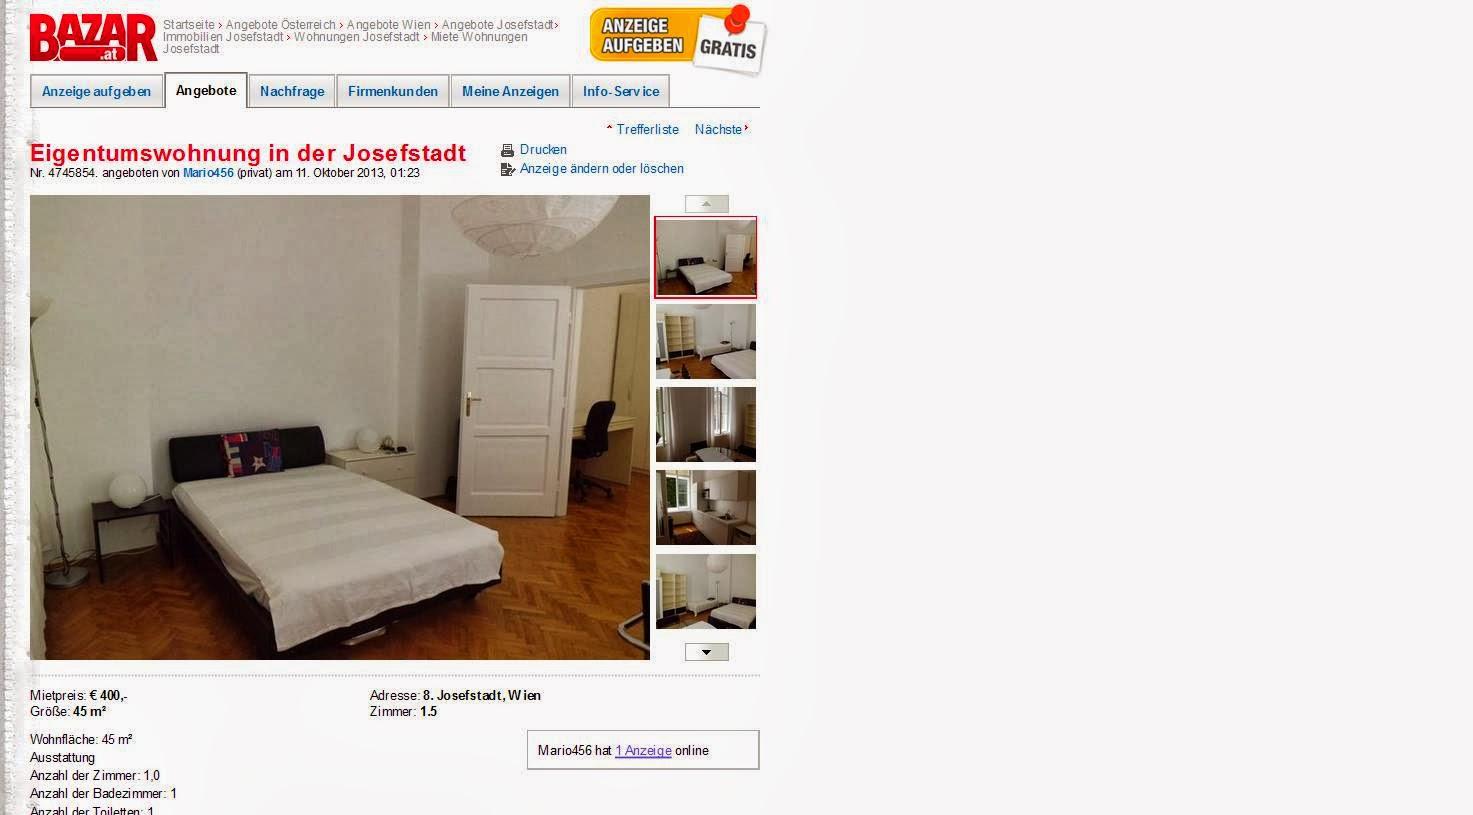 Alias mario456 tel for Eigentumswohnung